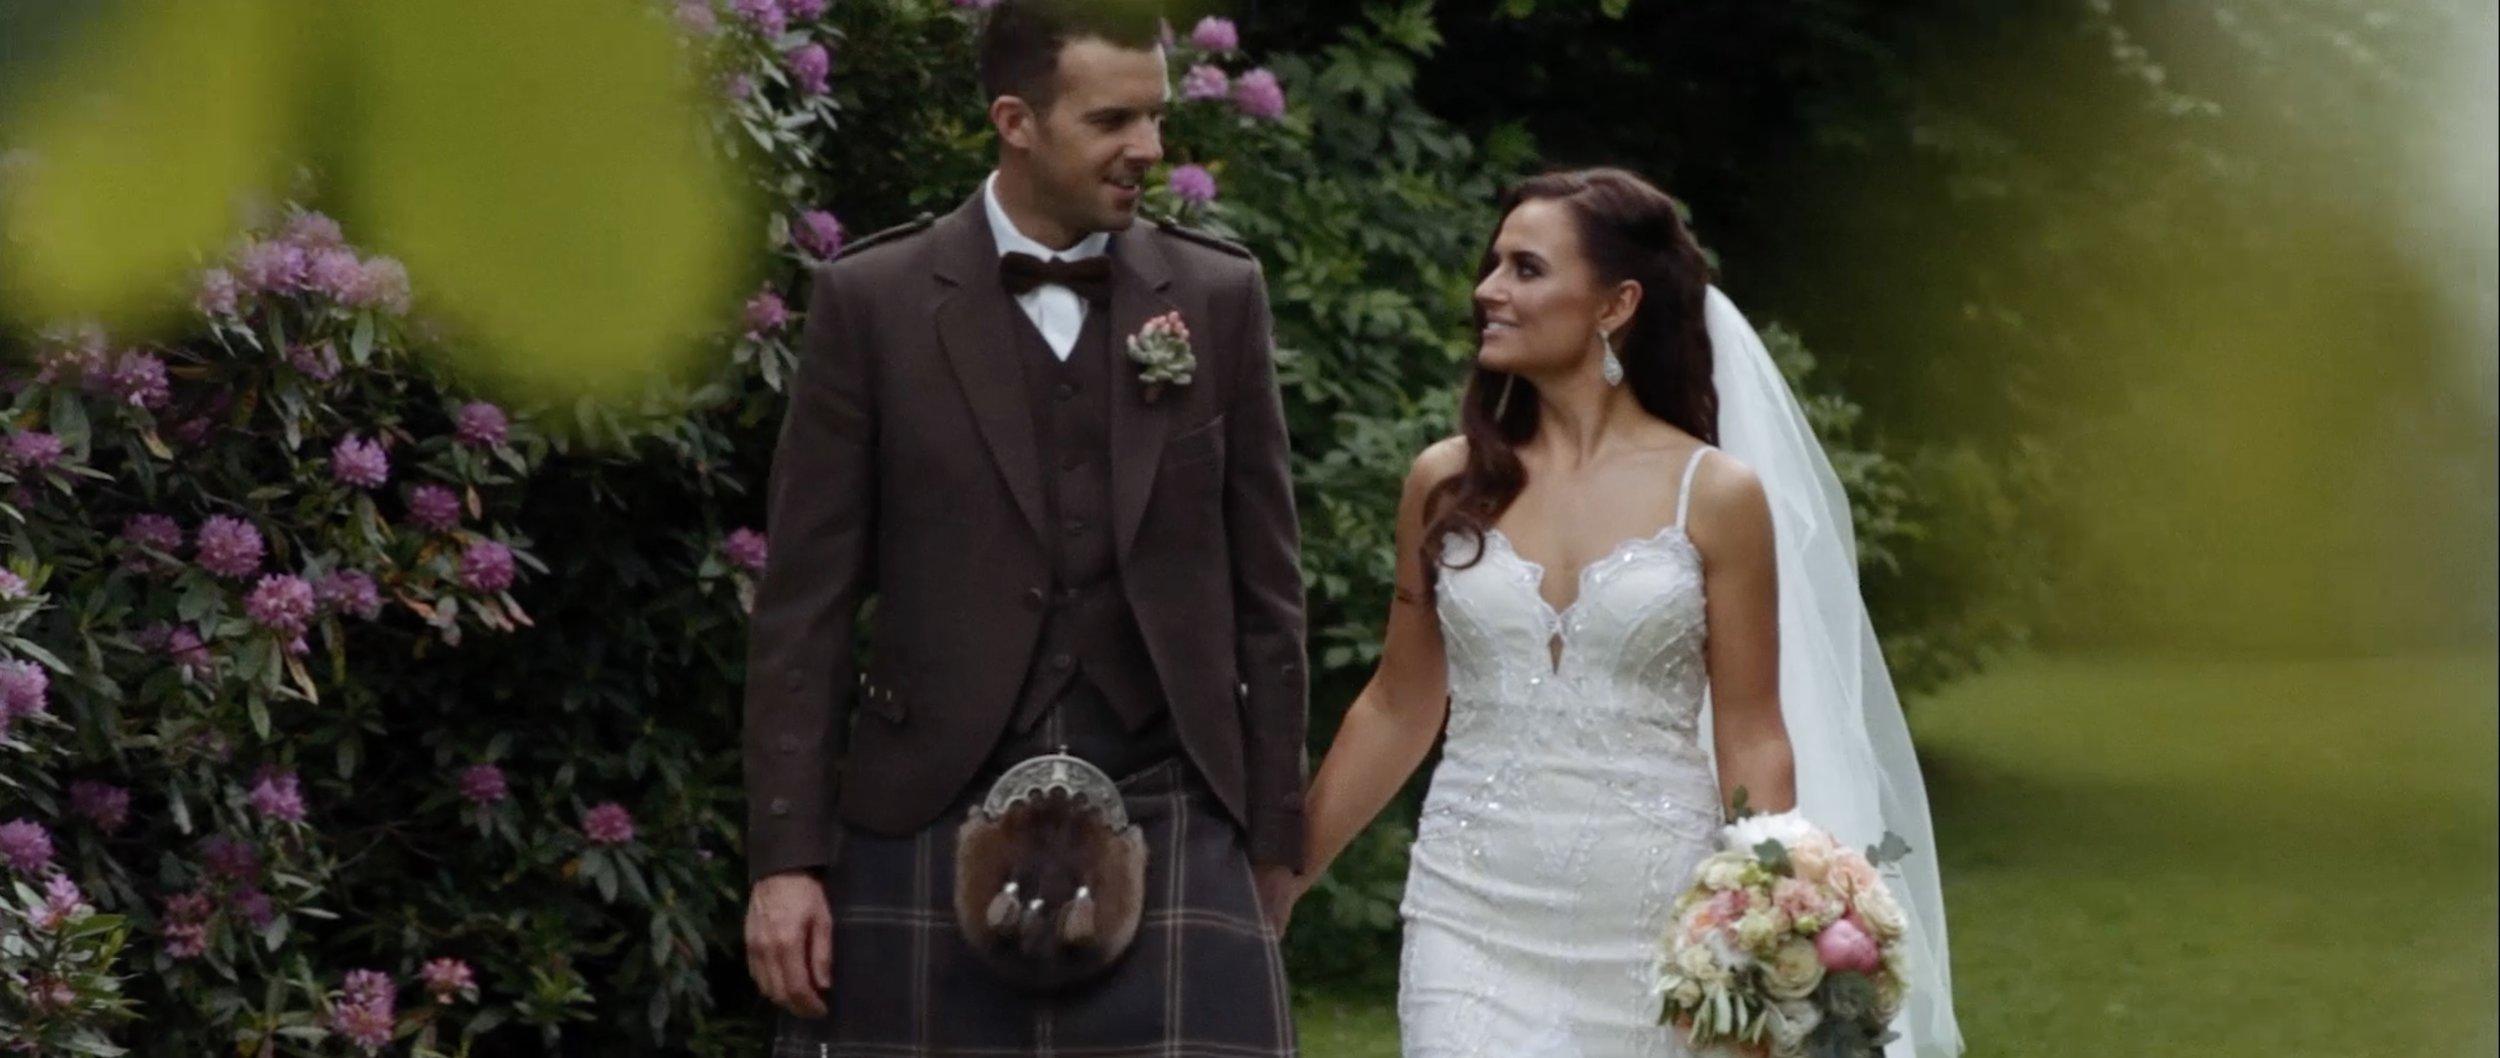 dalduff-farm-wedding-videographer_LL_06.jpg